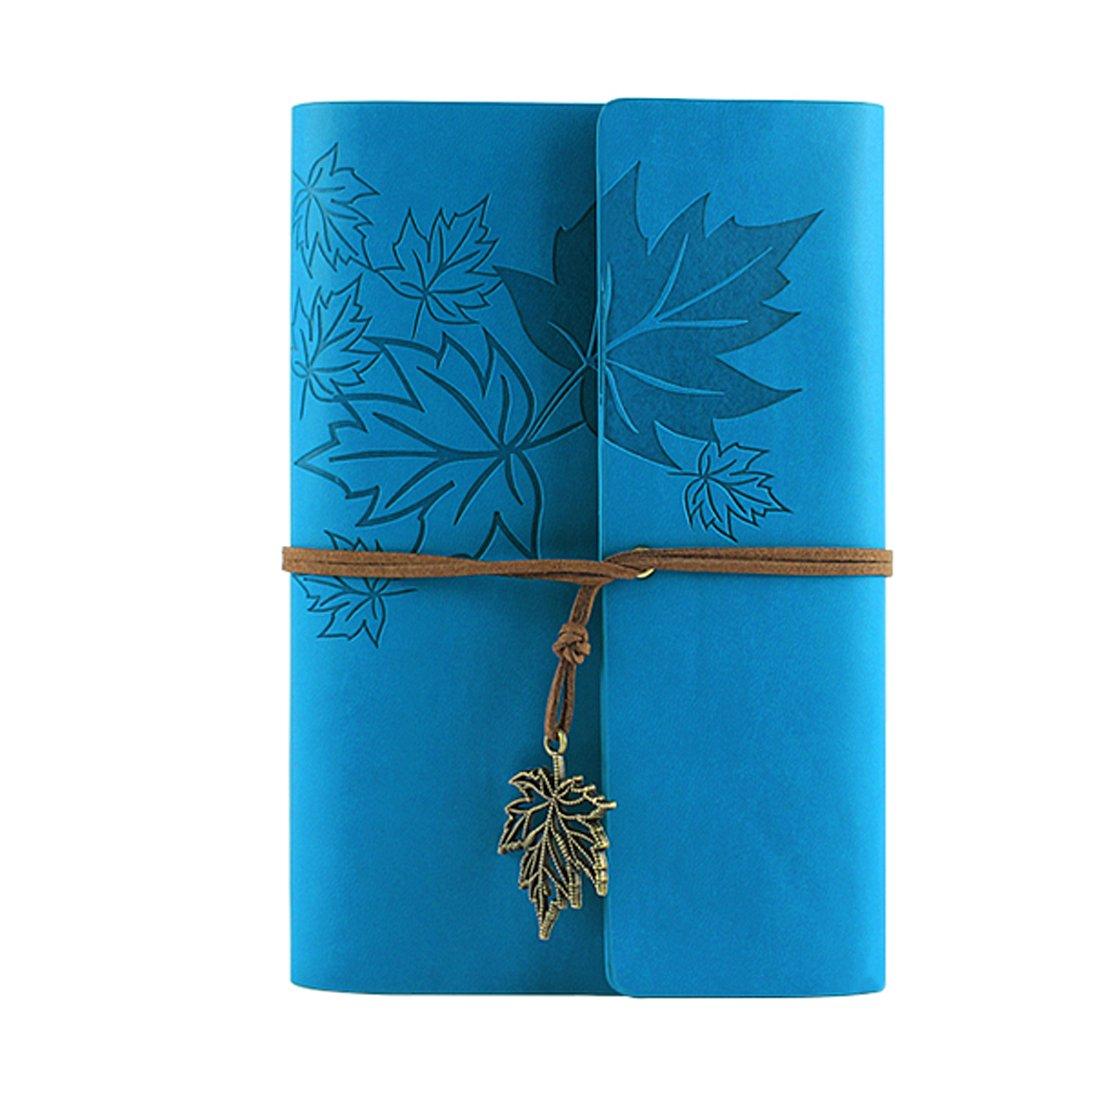 Wenosda Vintage Notebook / Blocco note Libro del diario in bianco ricaricabile per ufficio / scuola / viaggio Souvenir regalo (Verde intenso foglia di acero 7.1X5.1 inch, 180*130mm)